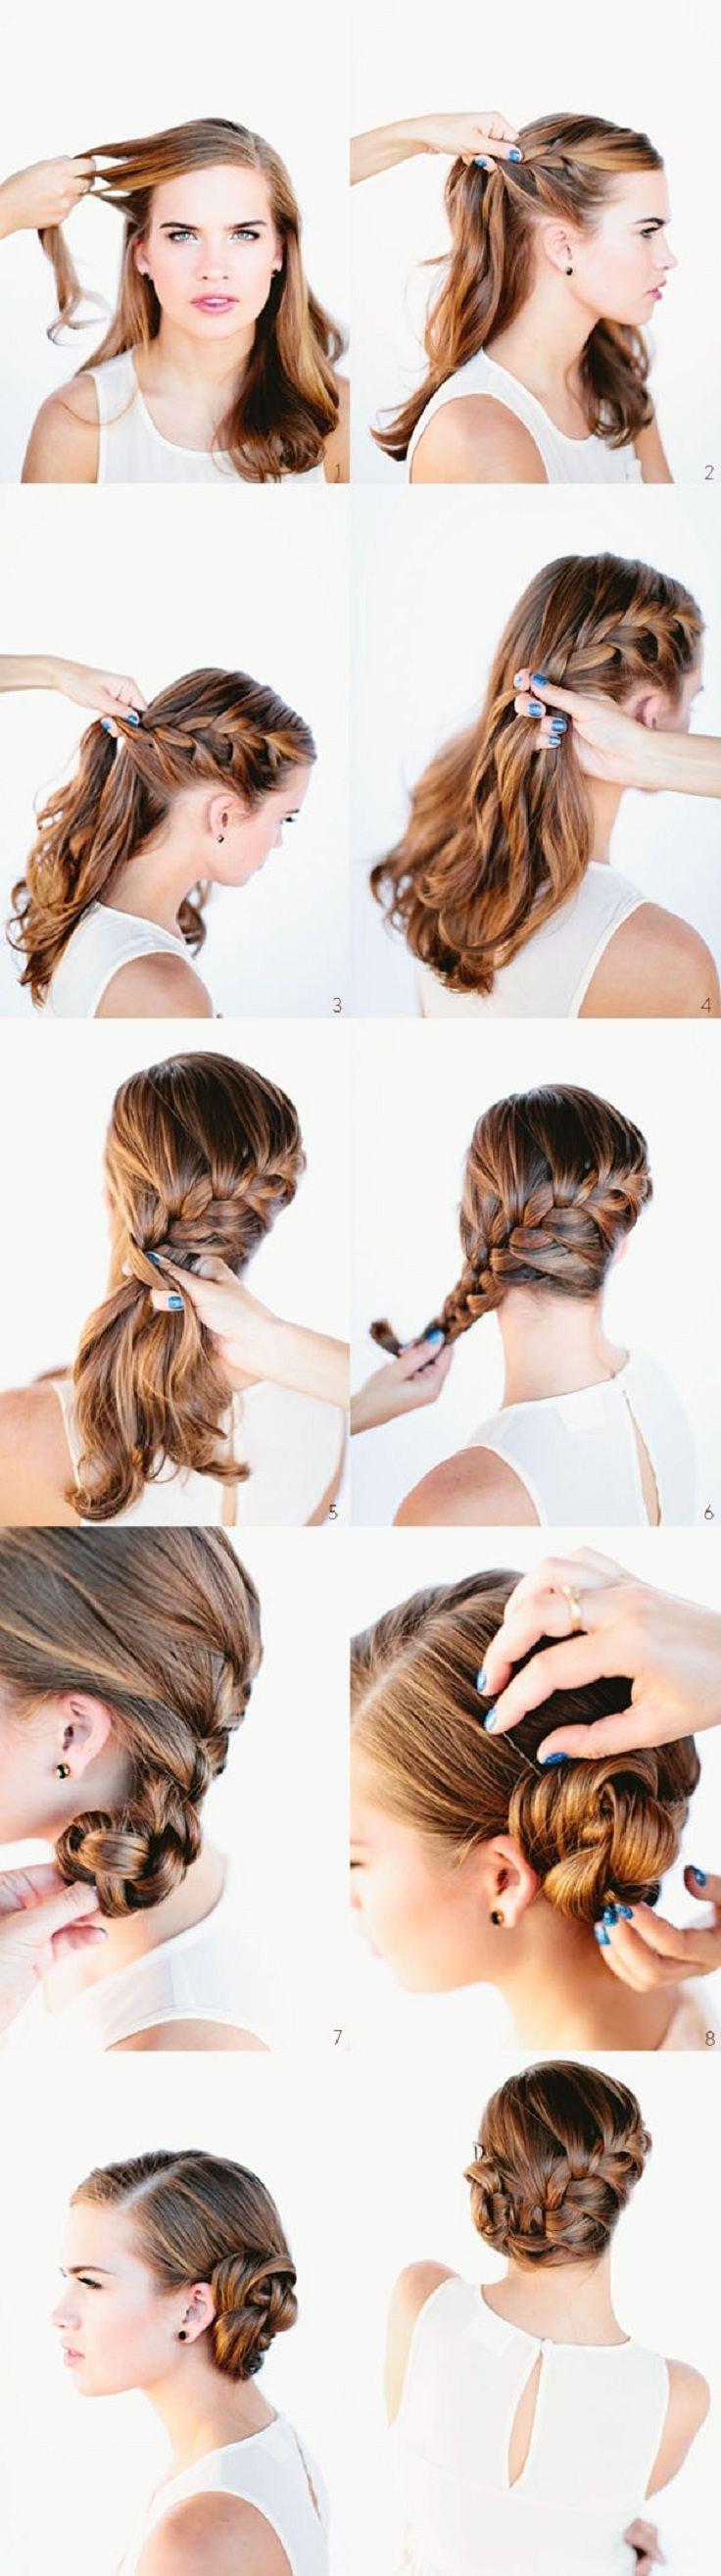 Прическа на средние волосы с челкой своими руками фото